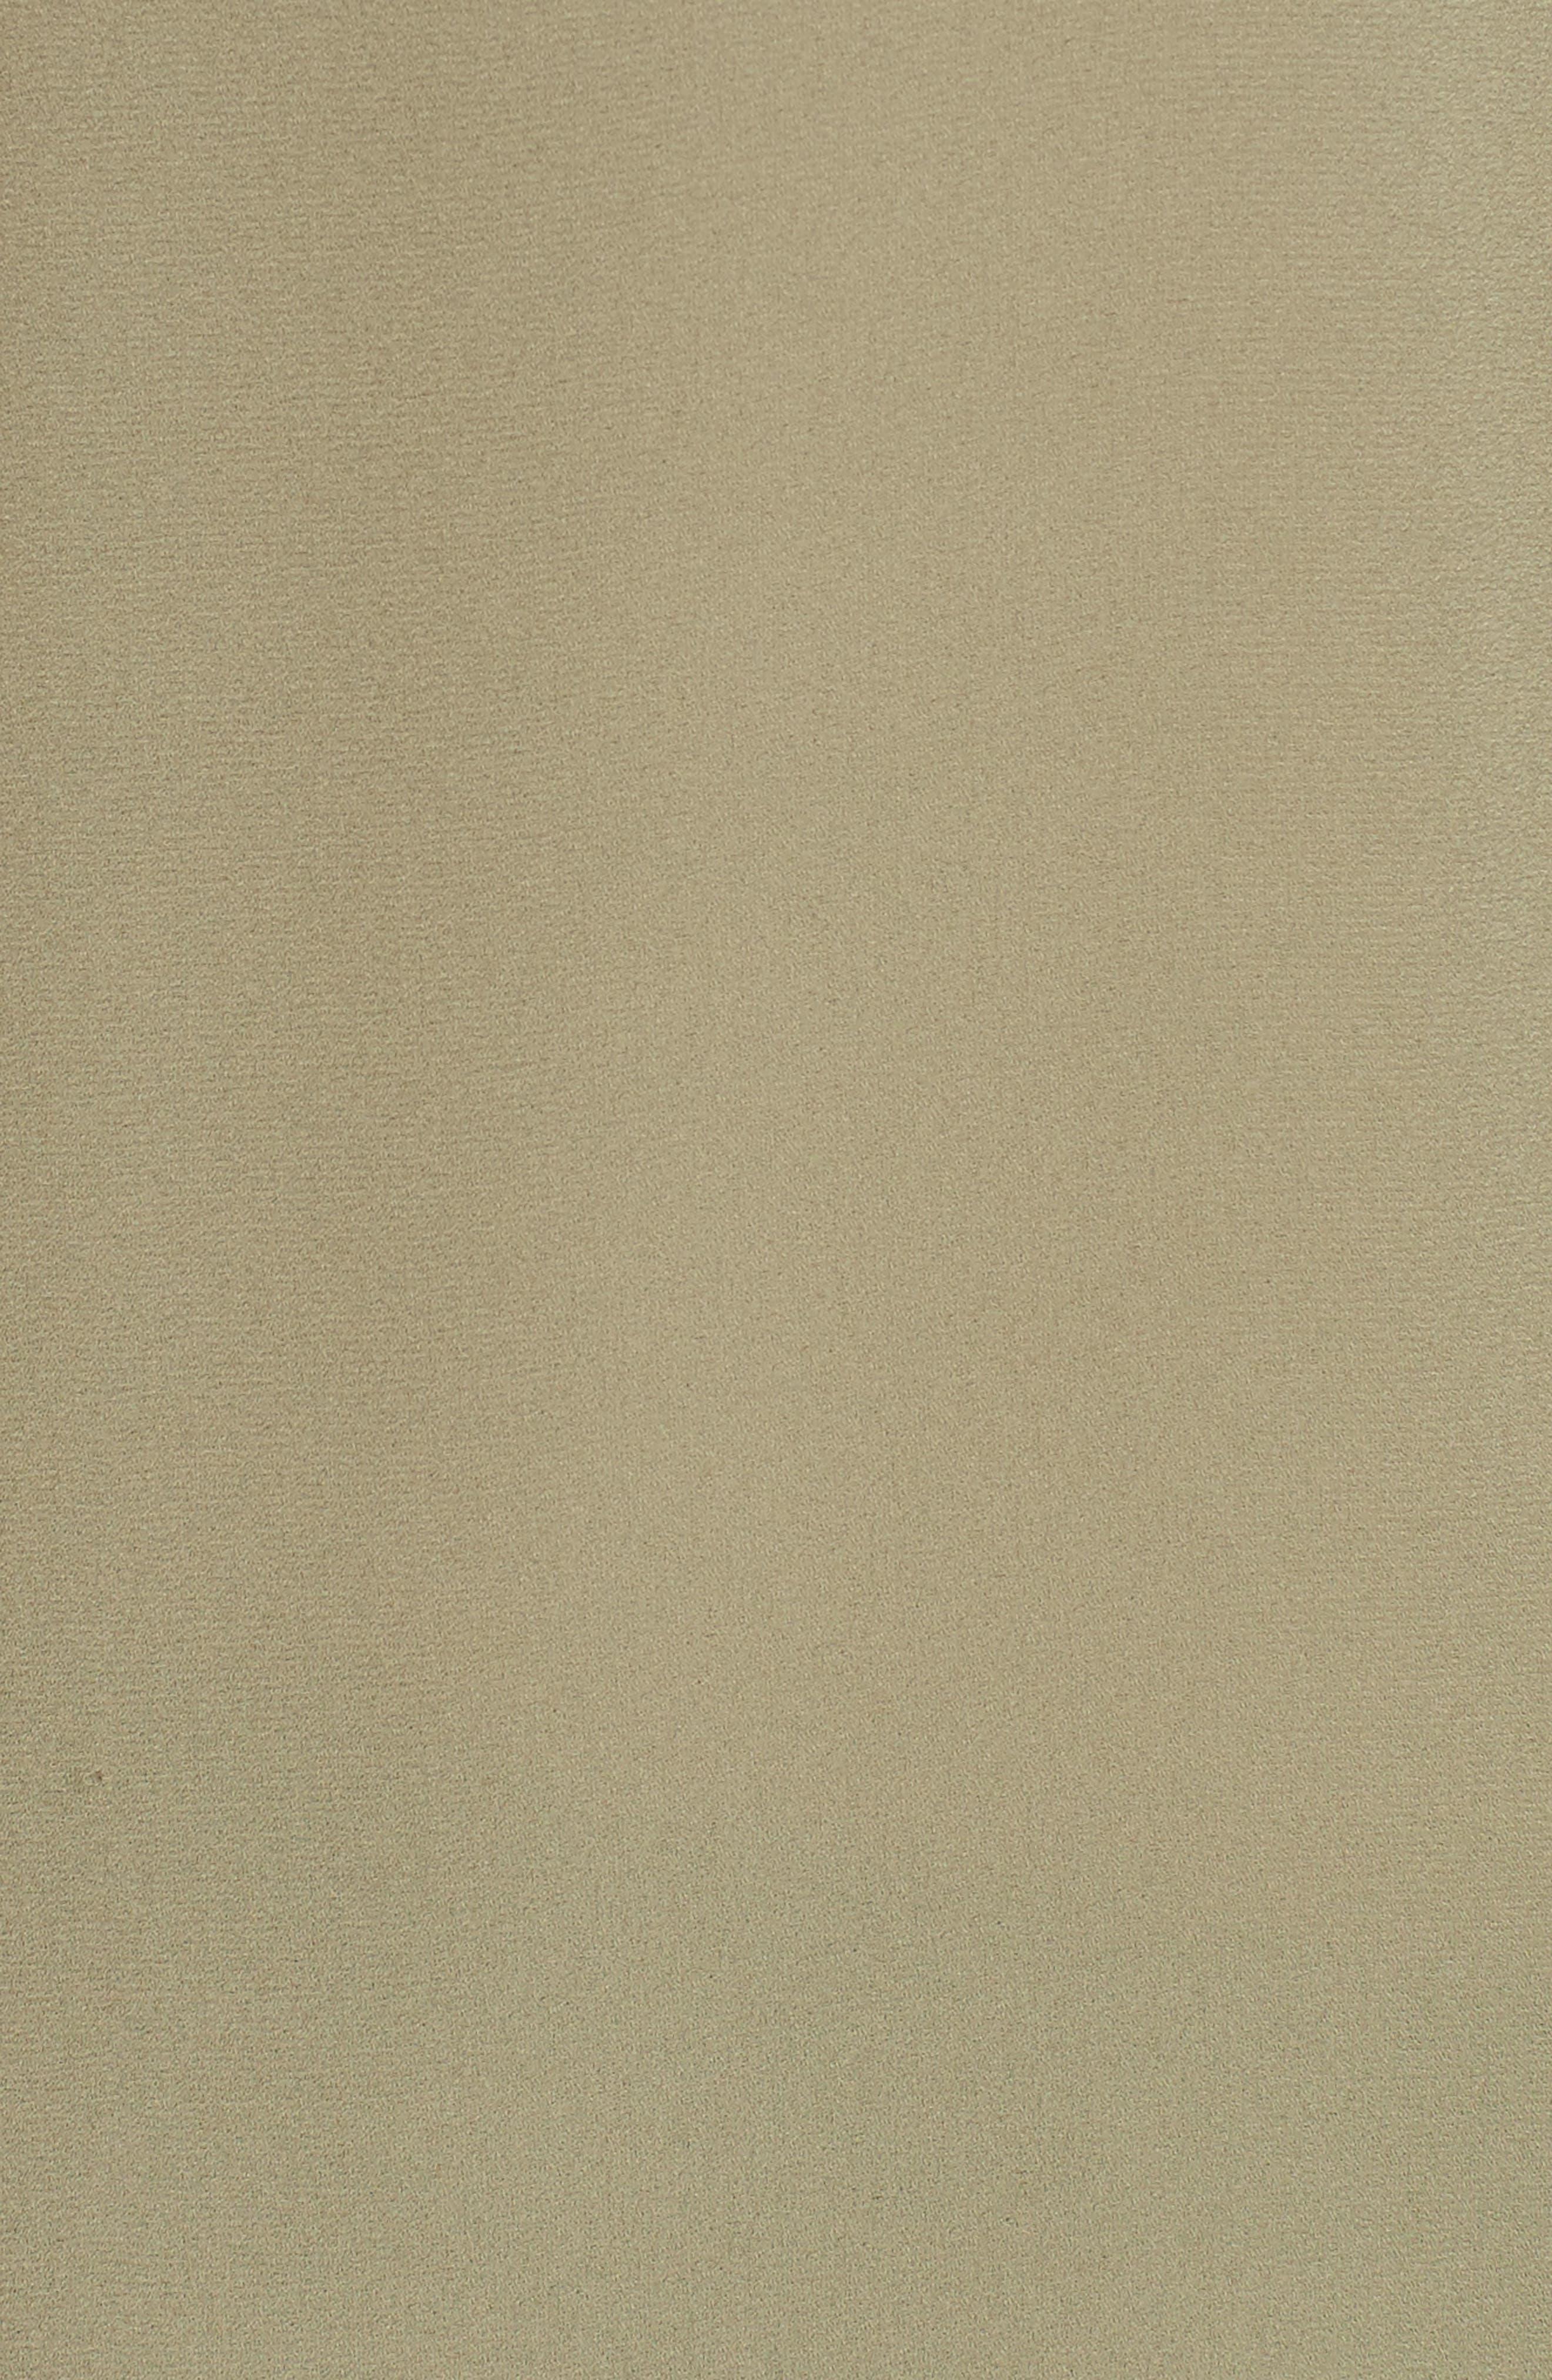 Pleat Back Sleeveless Split Neck Blouse,                             Alternate thumbnail 260, color,